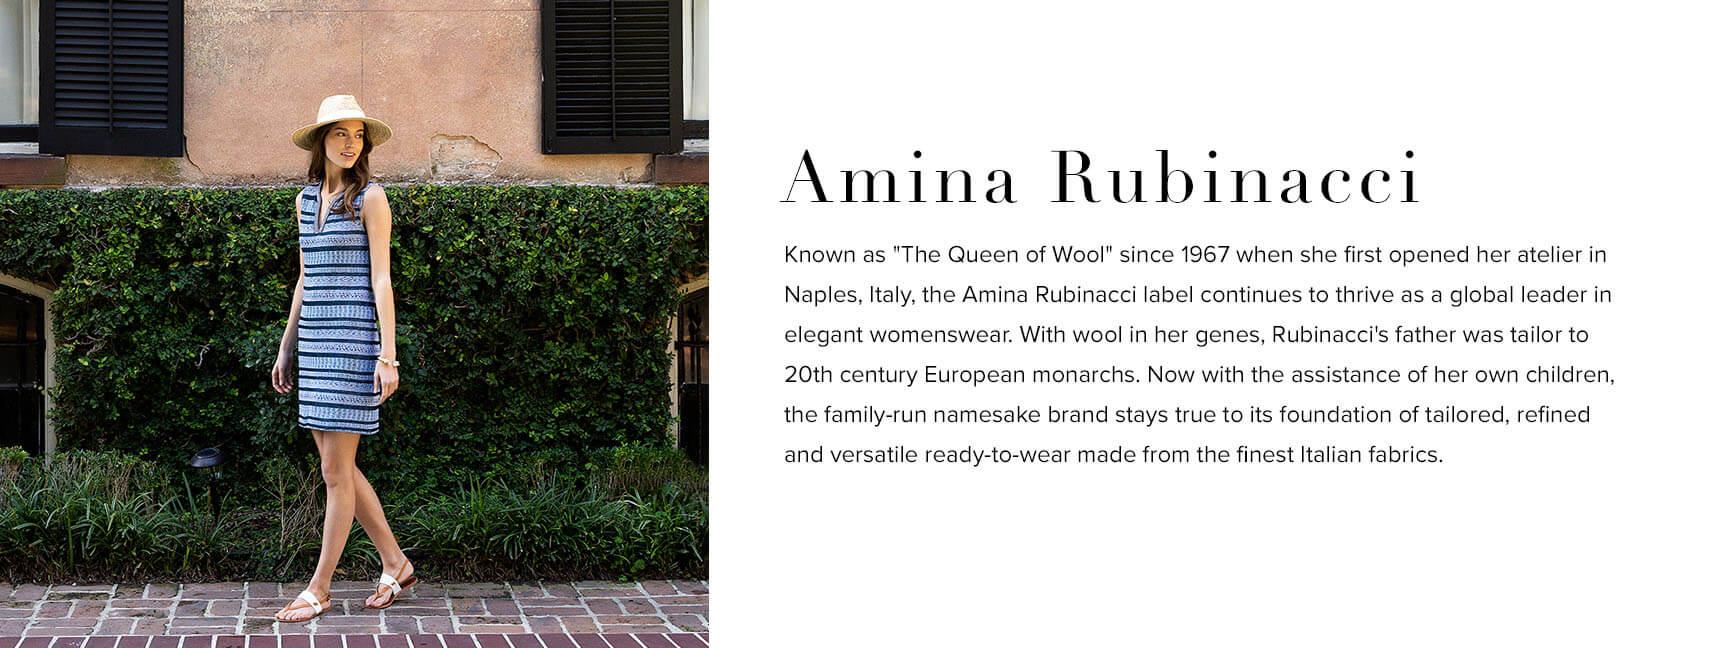 Amina Rubinacci